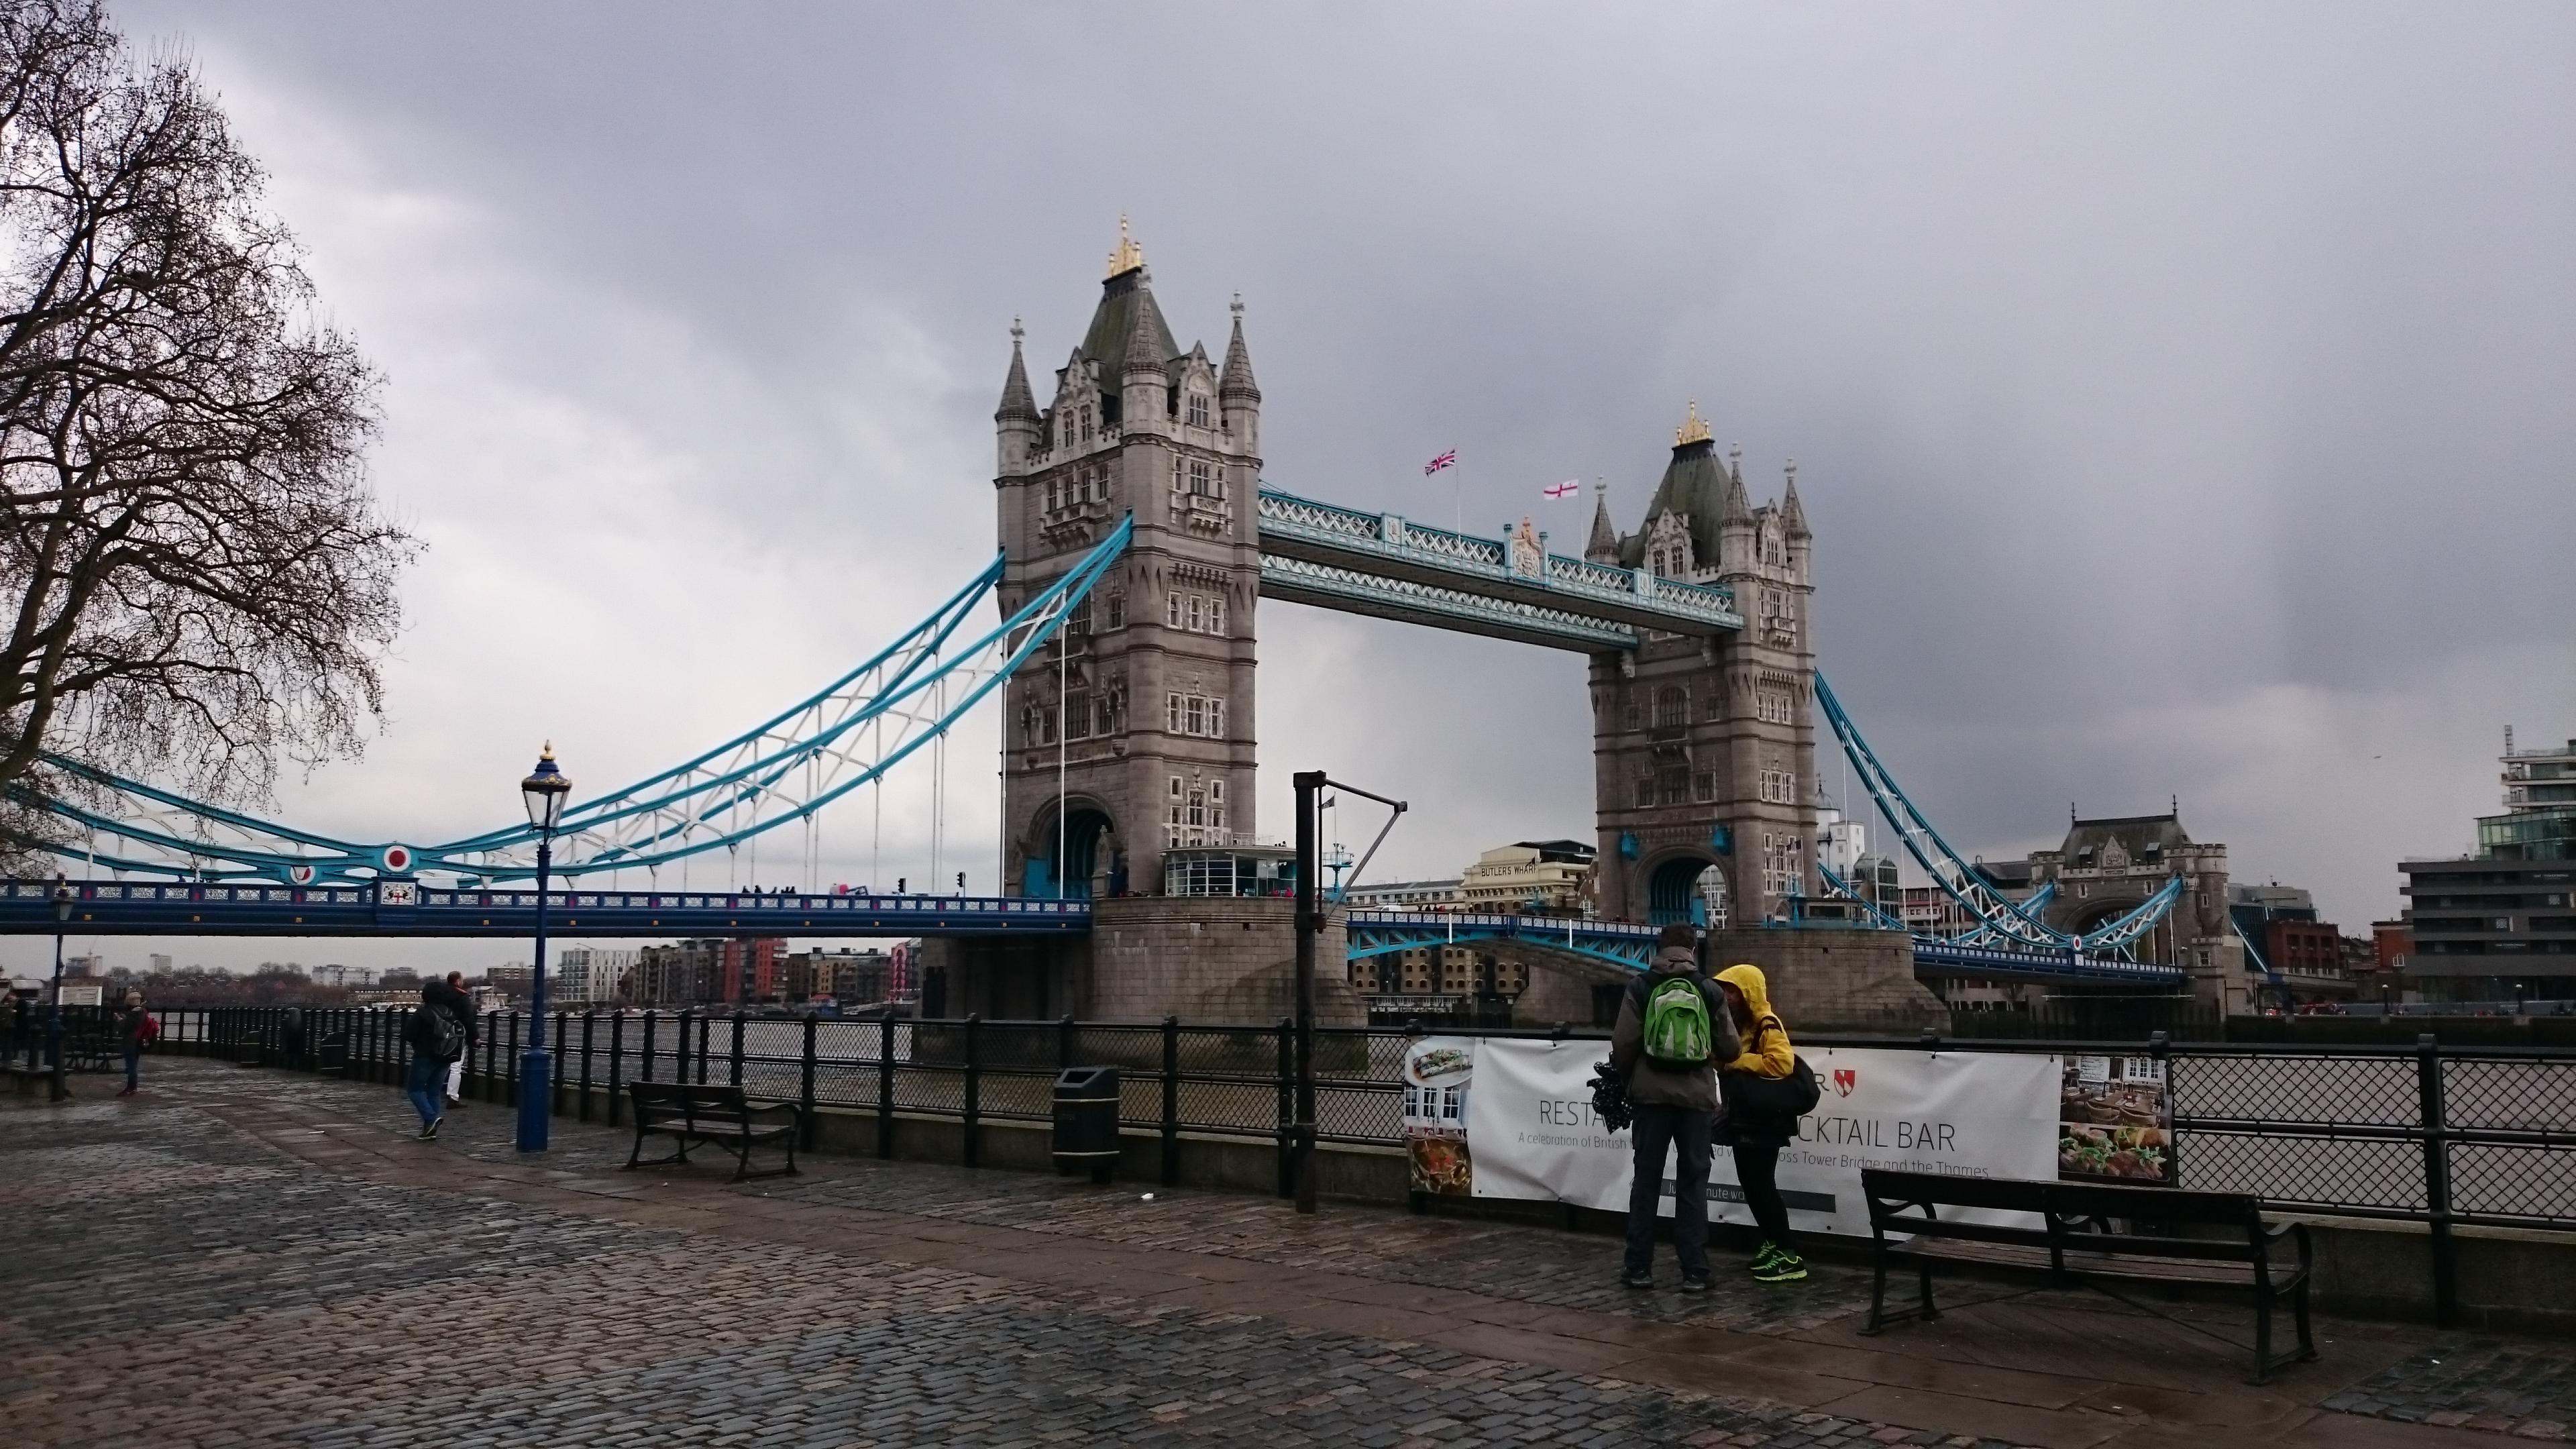 dsc 0684 - Una visita al Tower Bridge en Londres